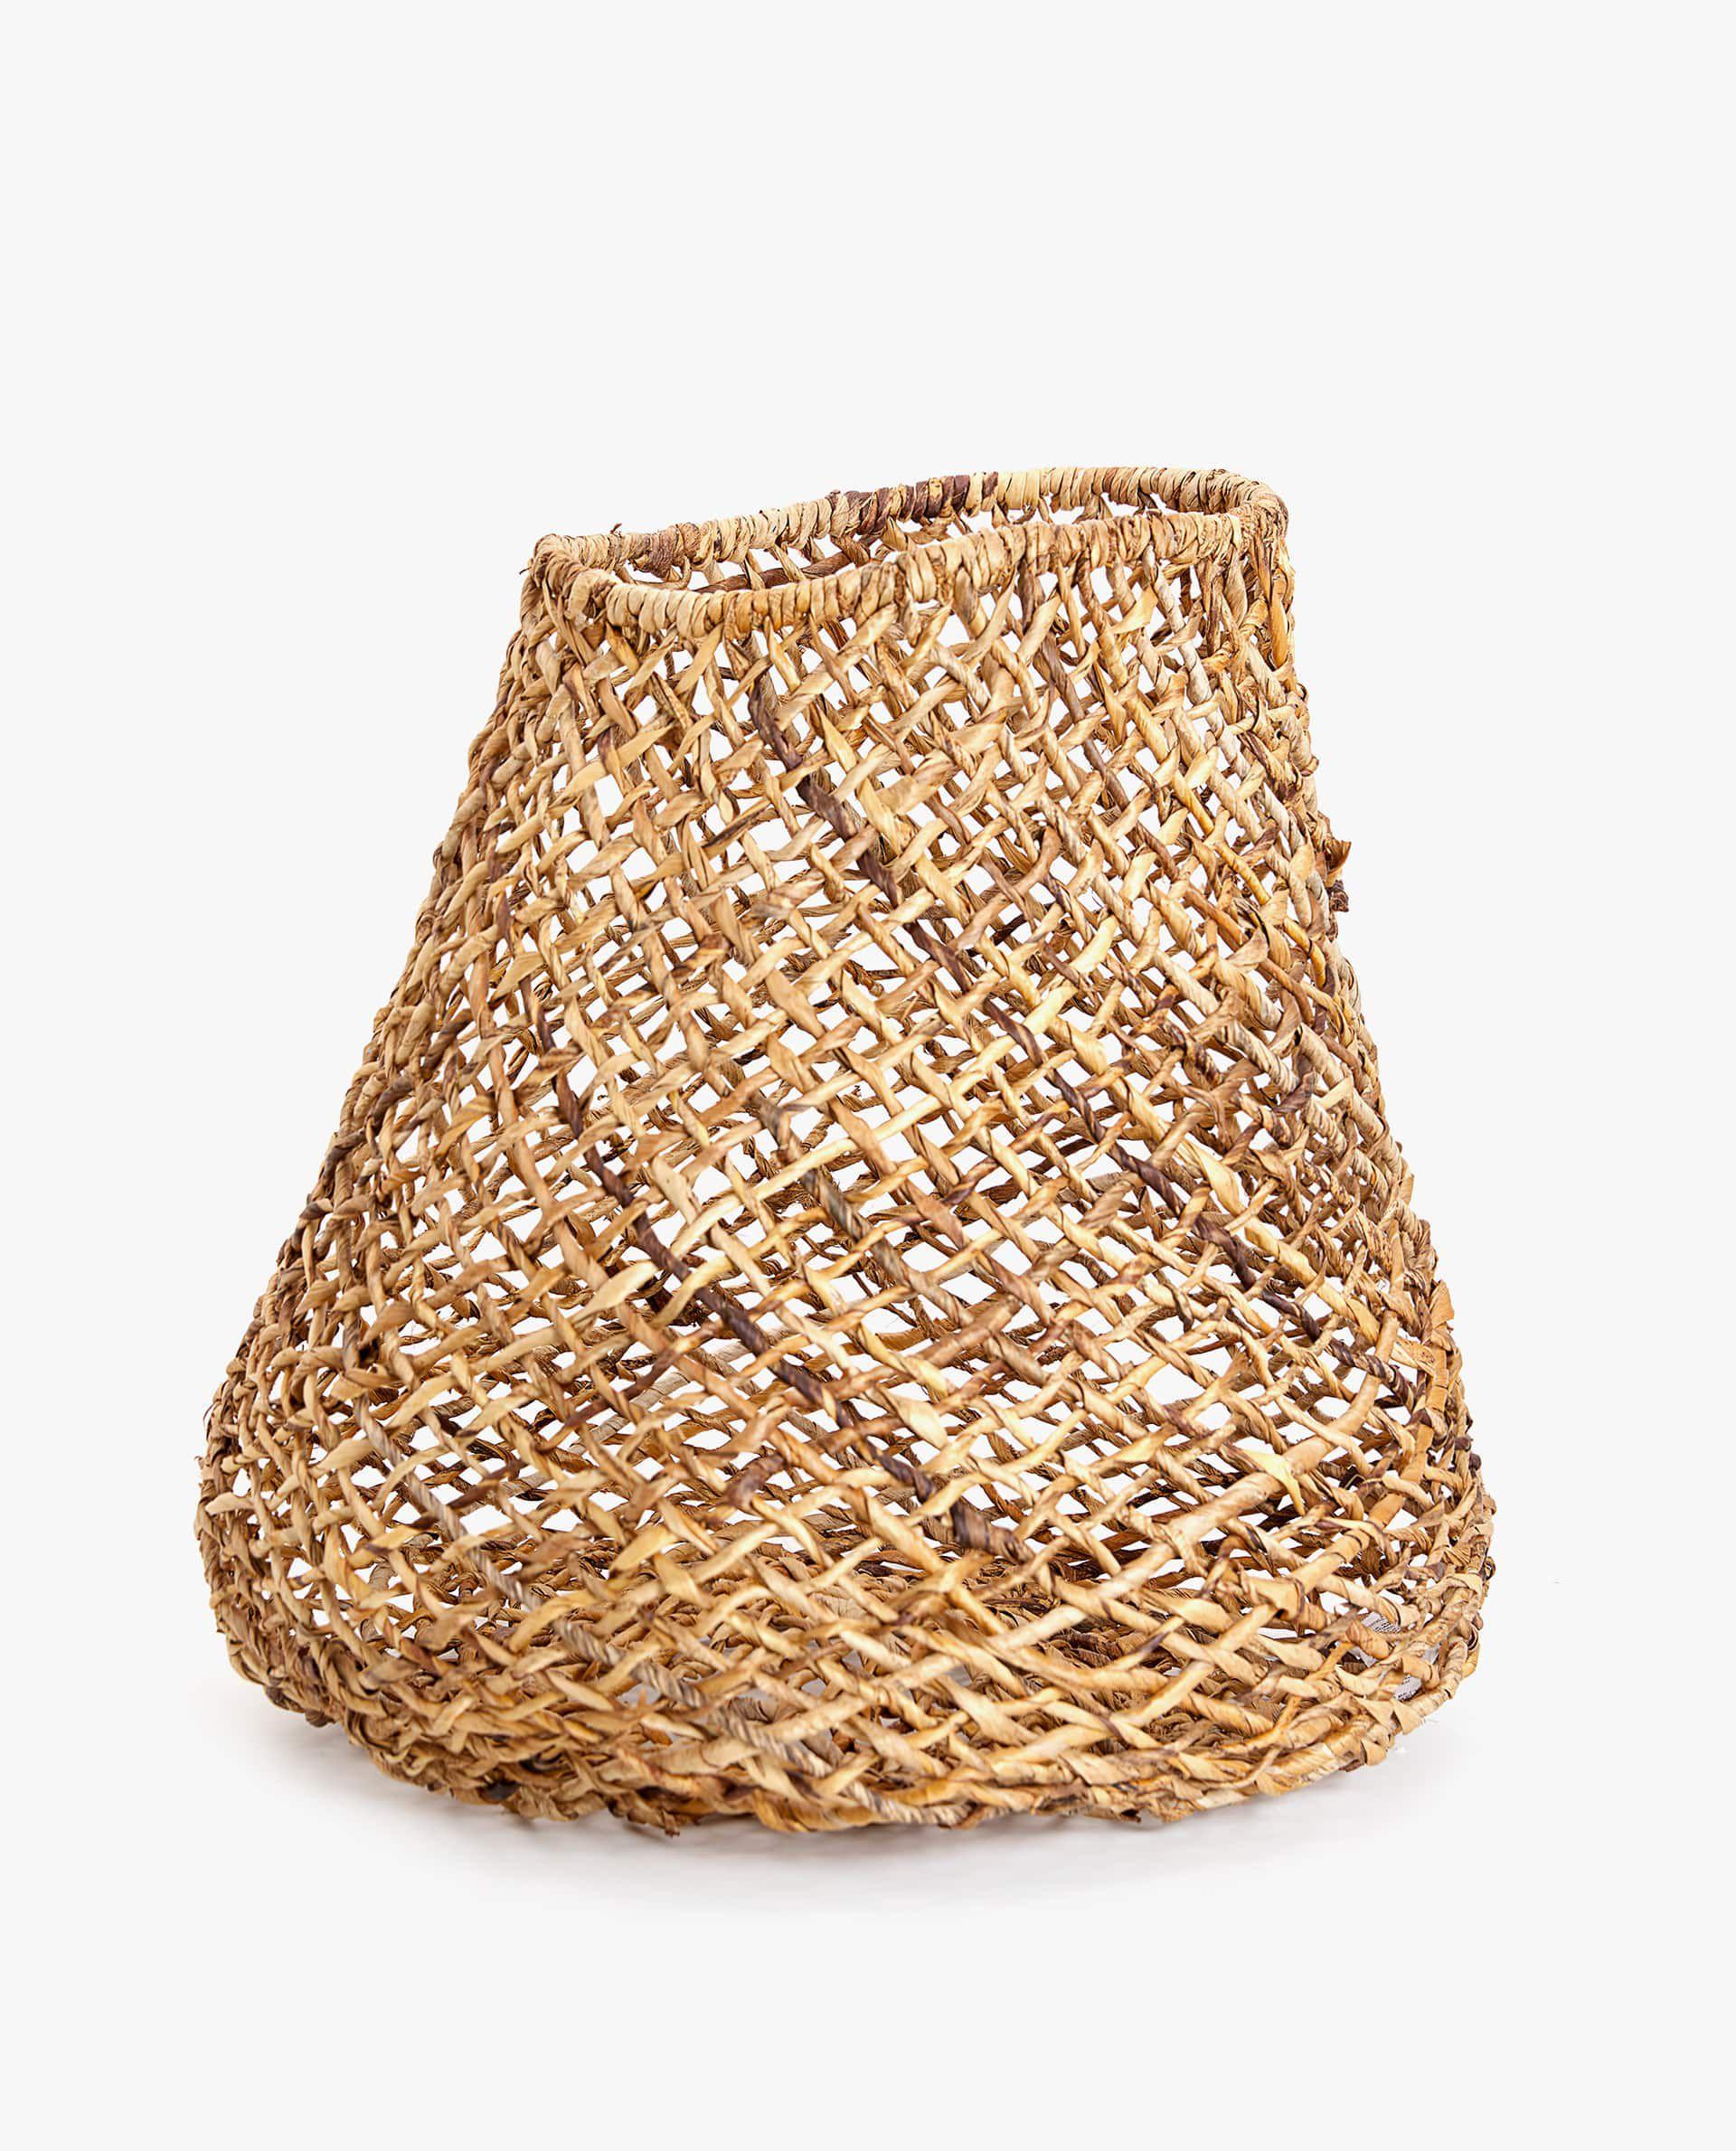 Zara Home Round Woven Basket